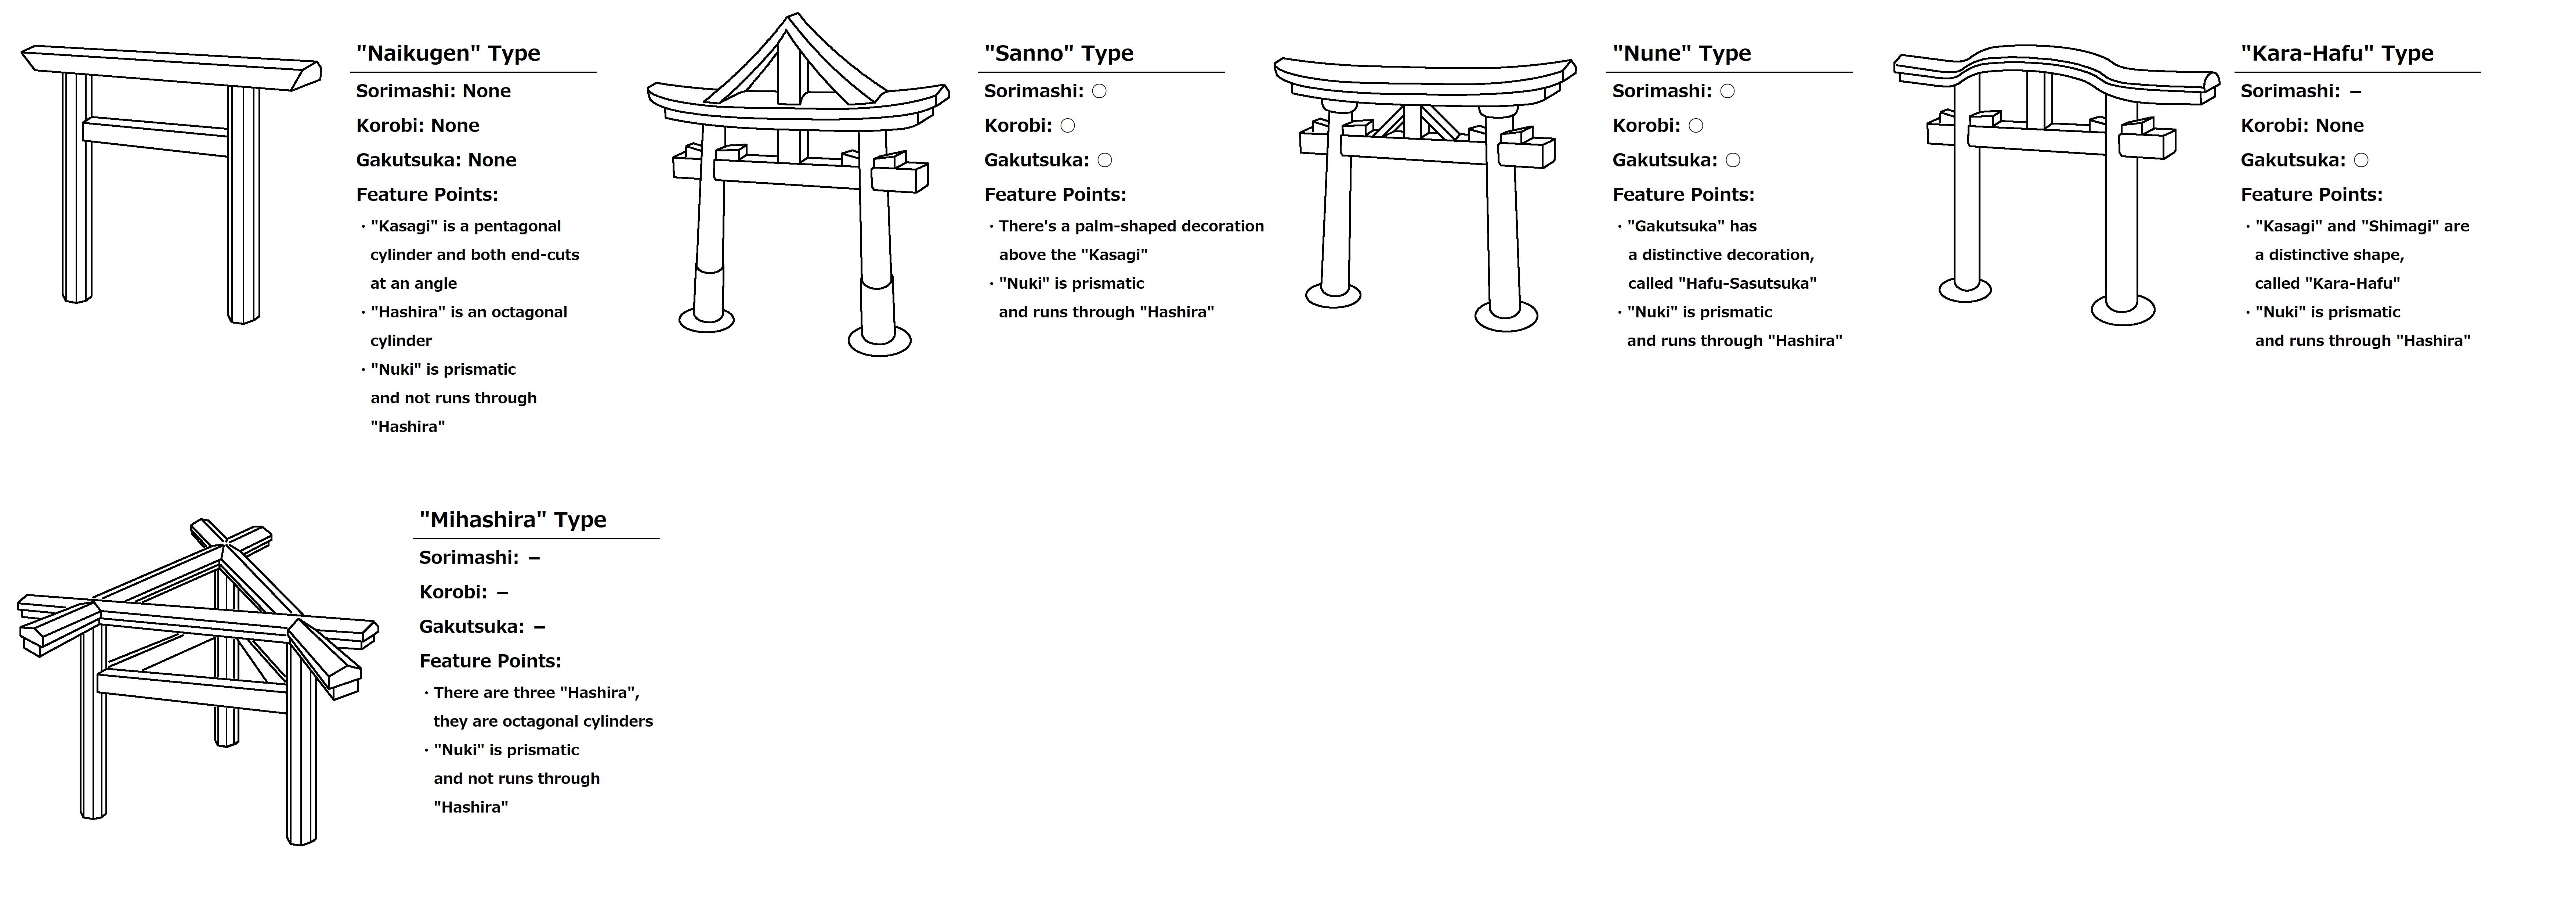 その他の鳥居の例(The Other Types Torii )